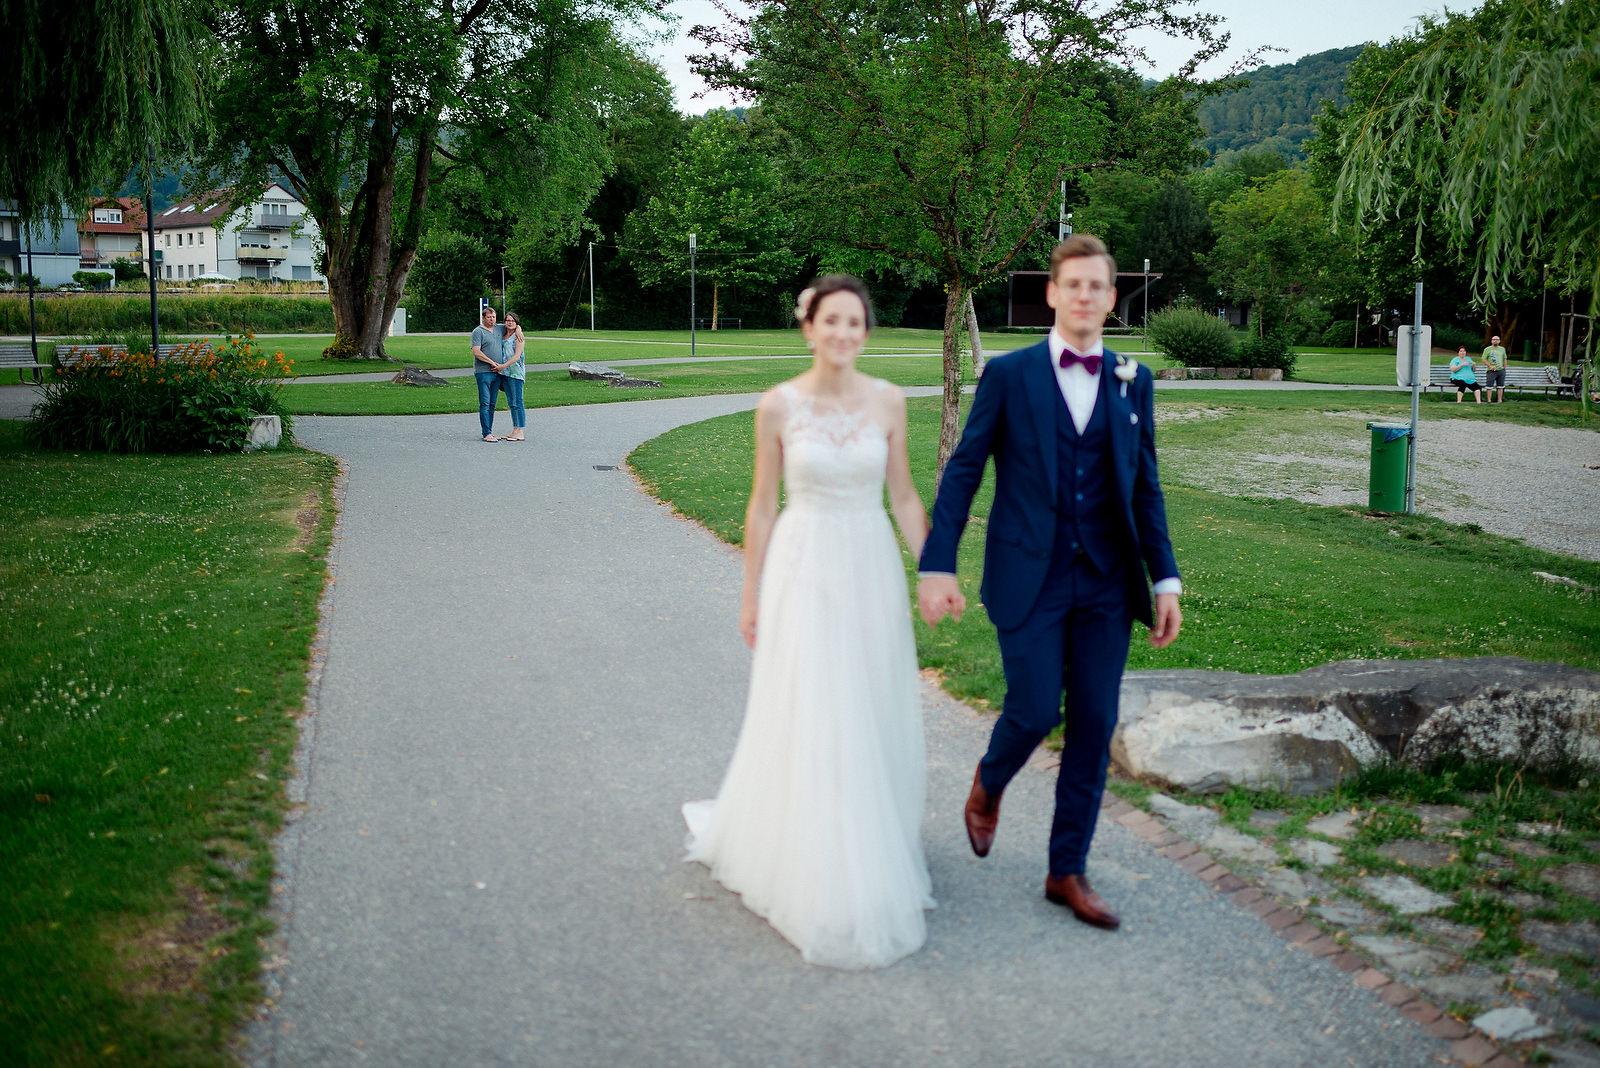 Fotograf Konstanz - Hochzeitsfotograf Bodensee Zollhaus Ludwigshafen Hochzeit Konstanz EFP 122 - Hochzeitsreportage im Zollhaus in Bodman-Ludwigshafen, Bodensee  - 228 -